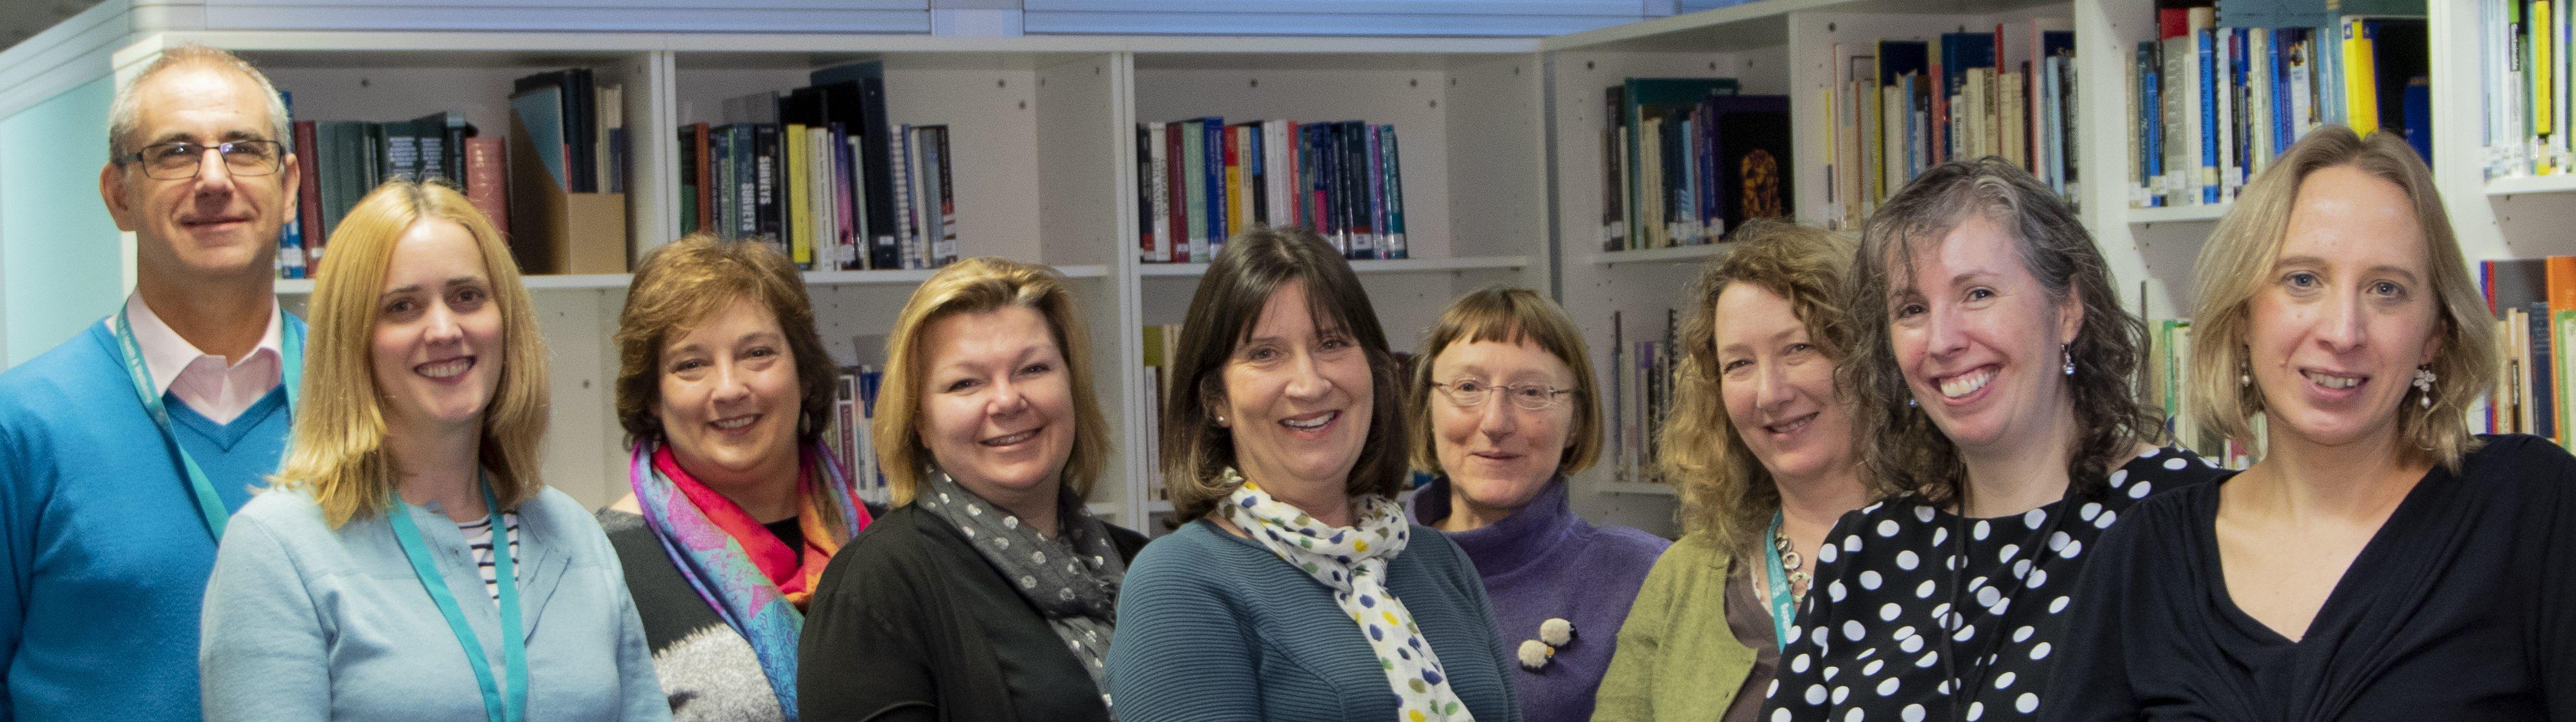 SHINE team in front of bookshelves